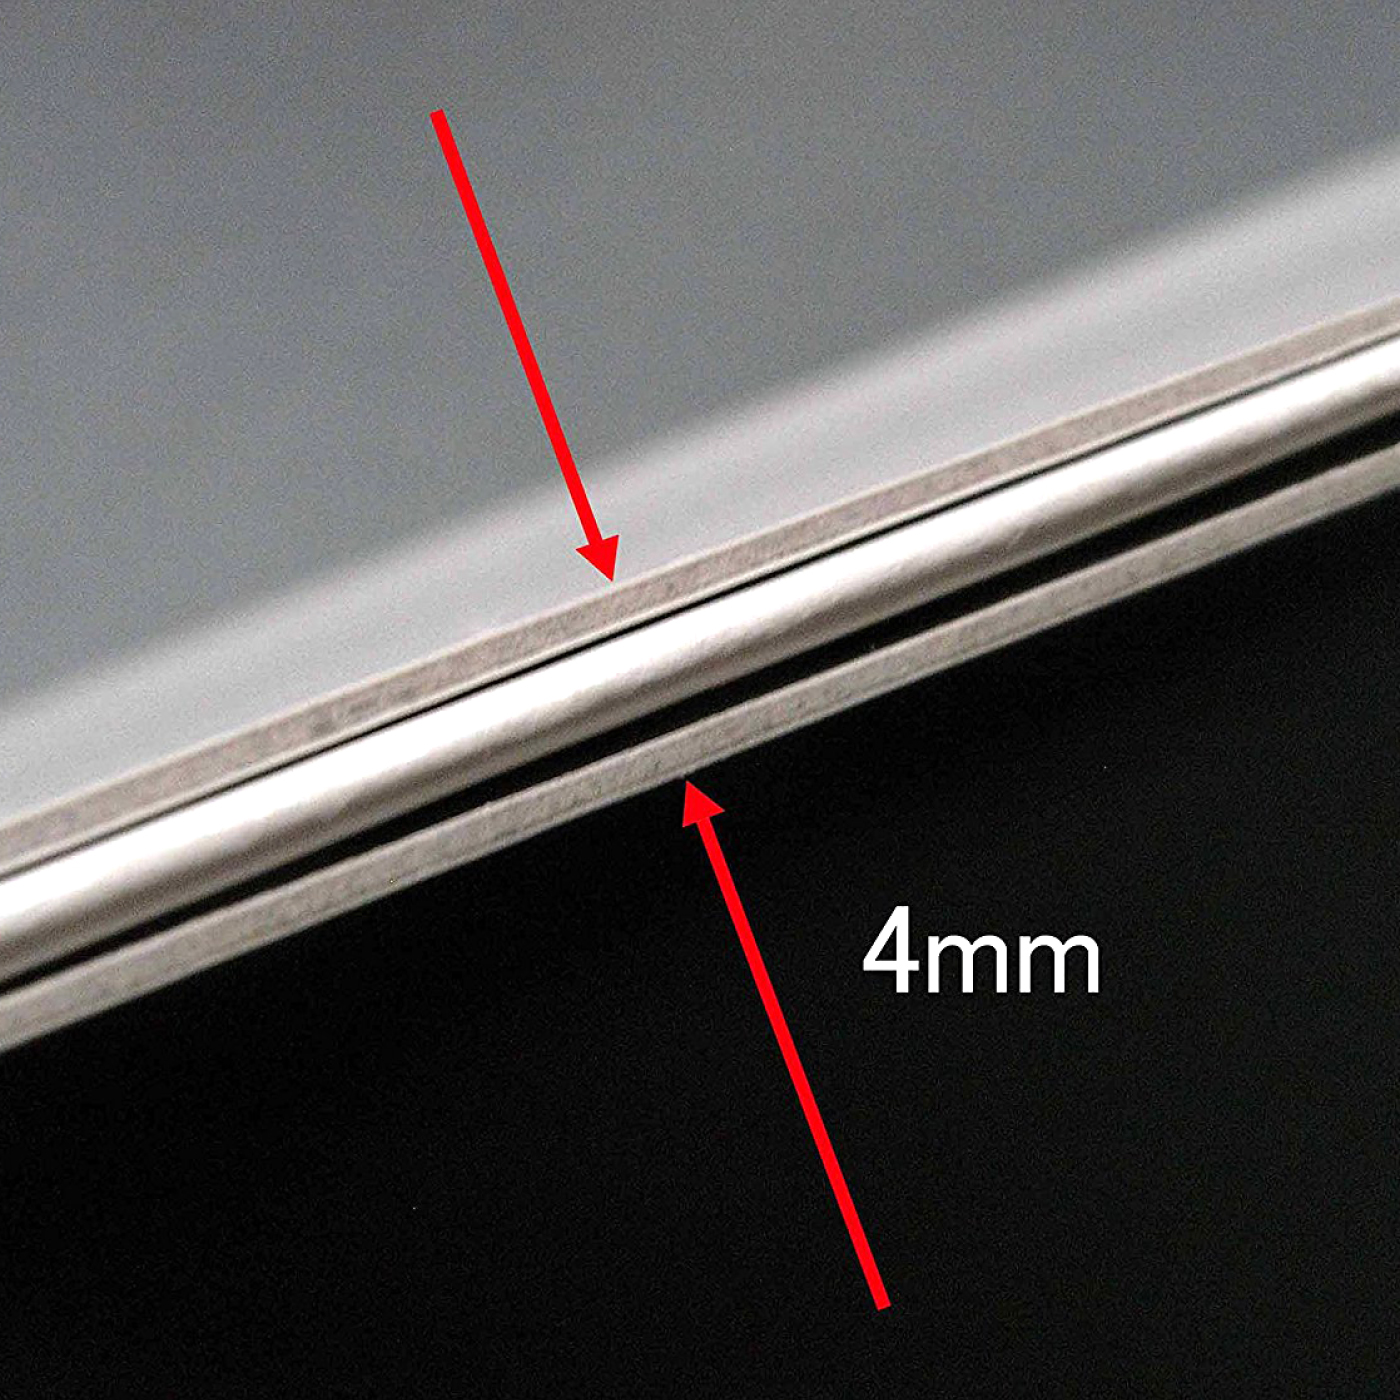 厚さわずか4mm、重さ210gと軽量。